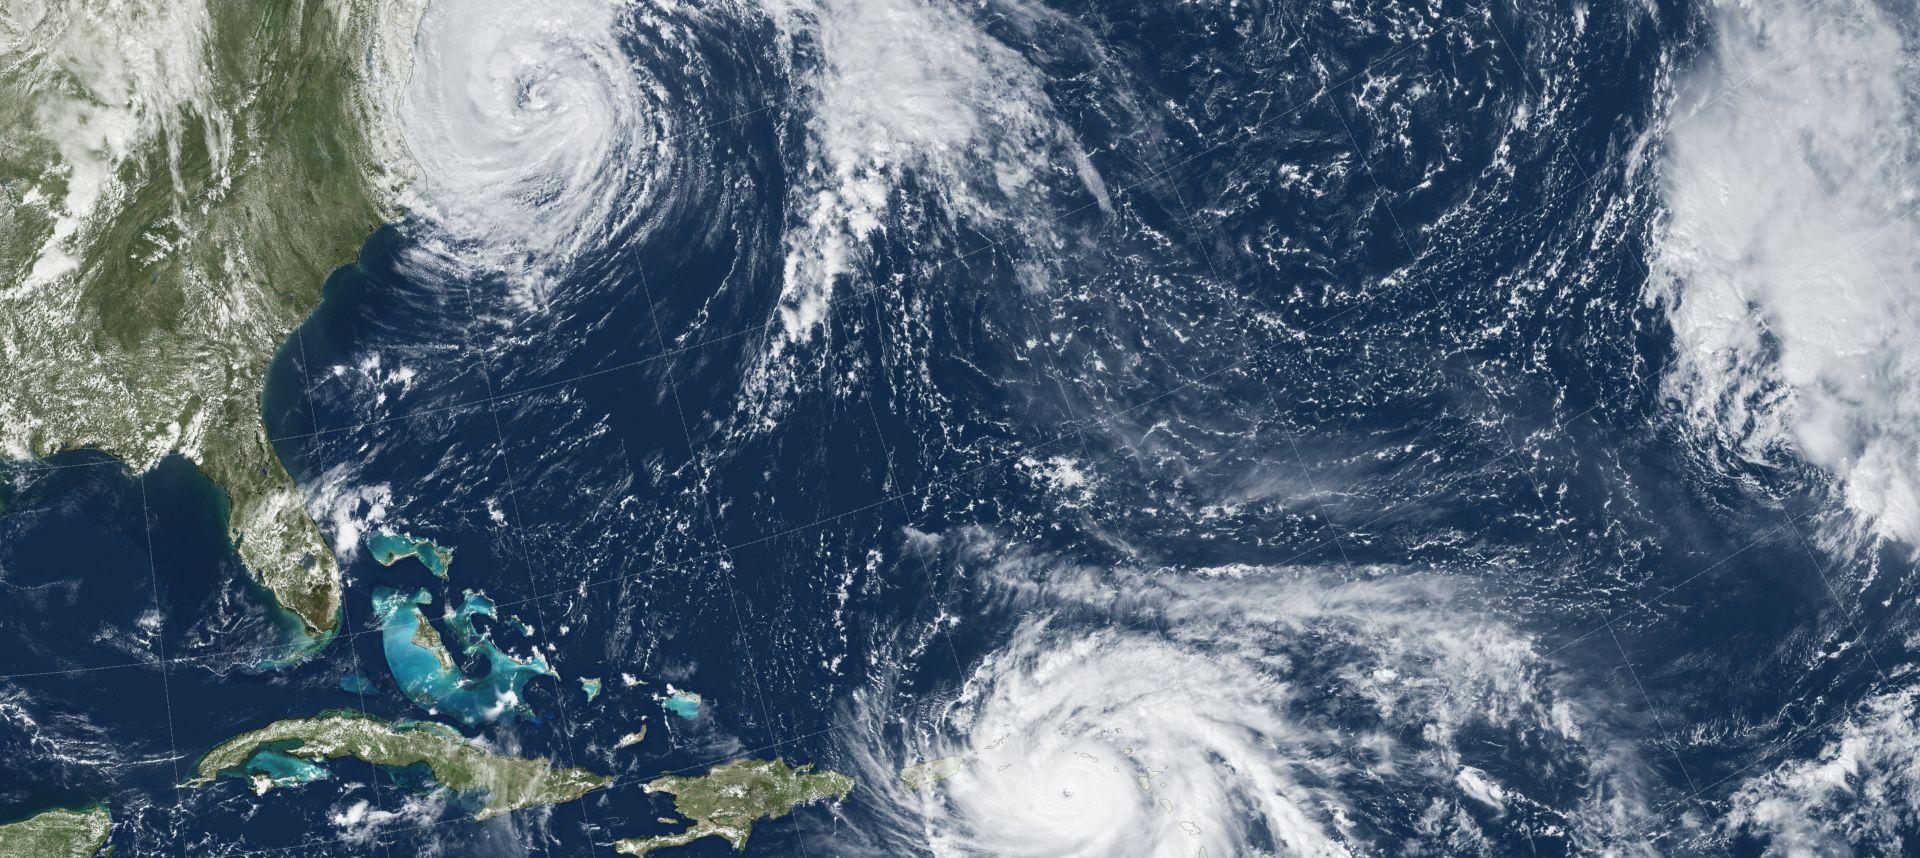 NAKON DJEVIČANSKIH OTOKA Uragan Maria obrušio se na Portoriko